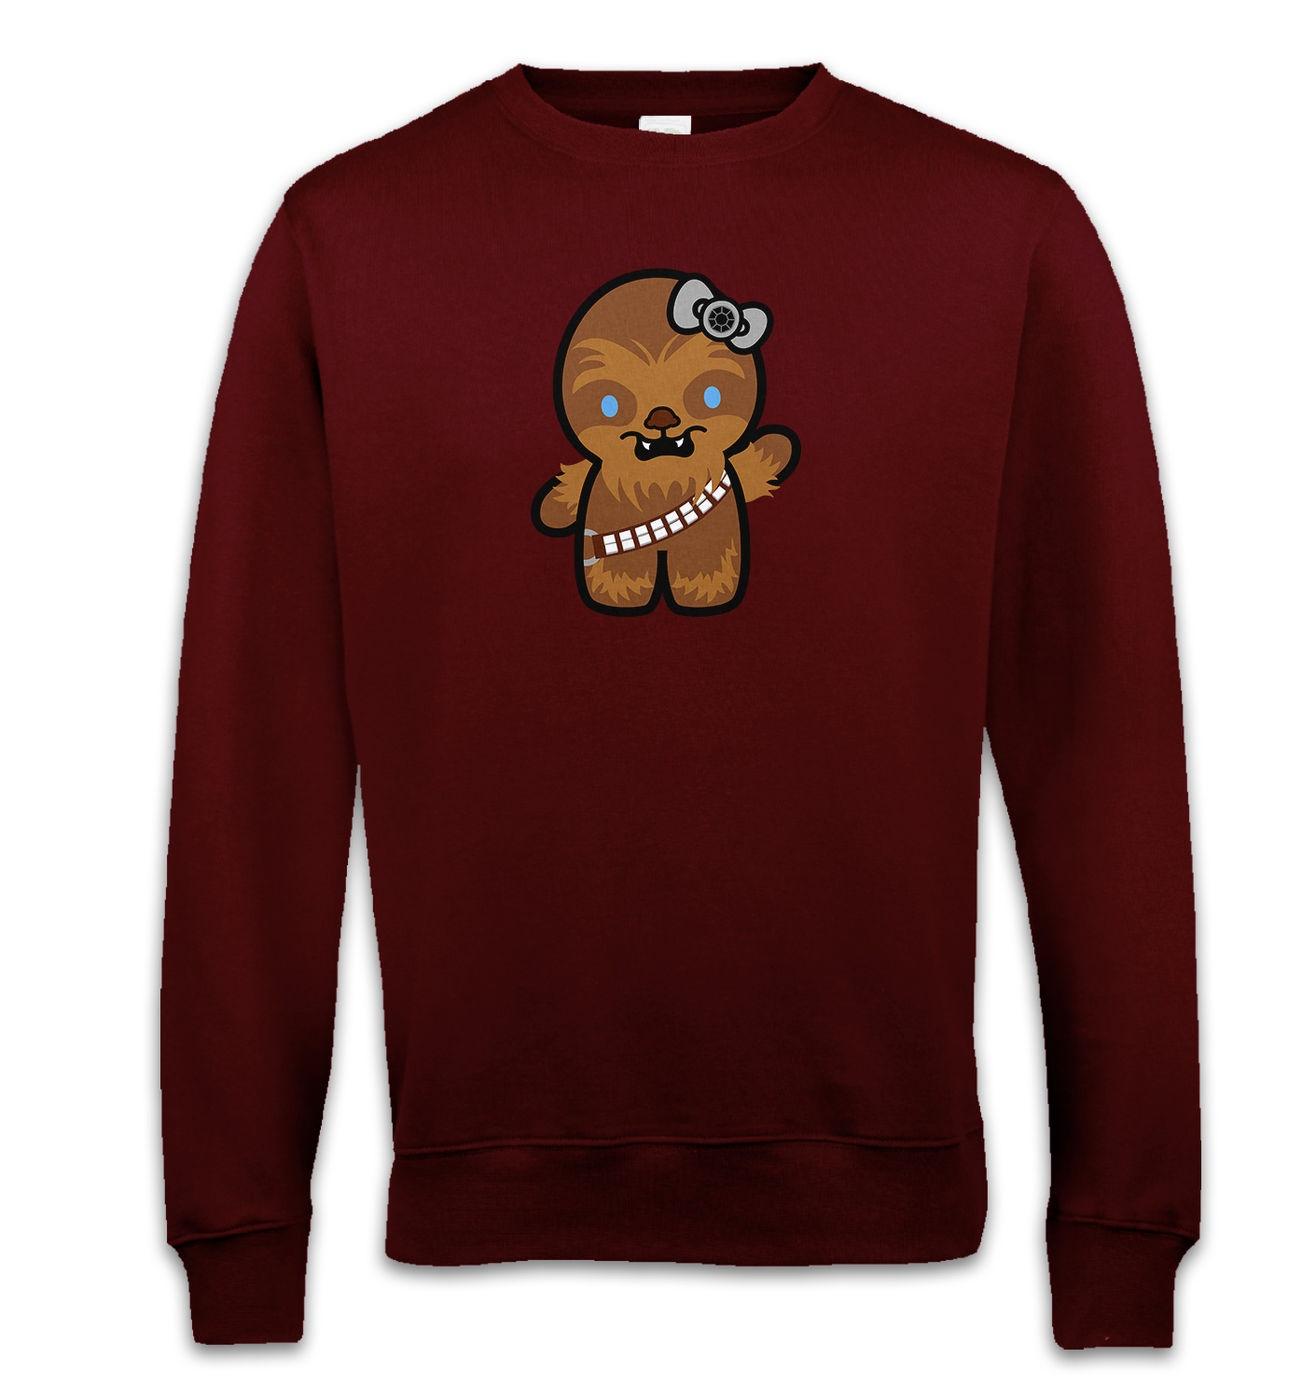 Hello Wookiee sweatshirt - Hello Kitty Star Wars parody mashup sweater